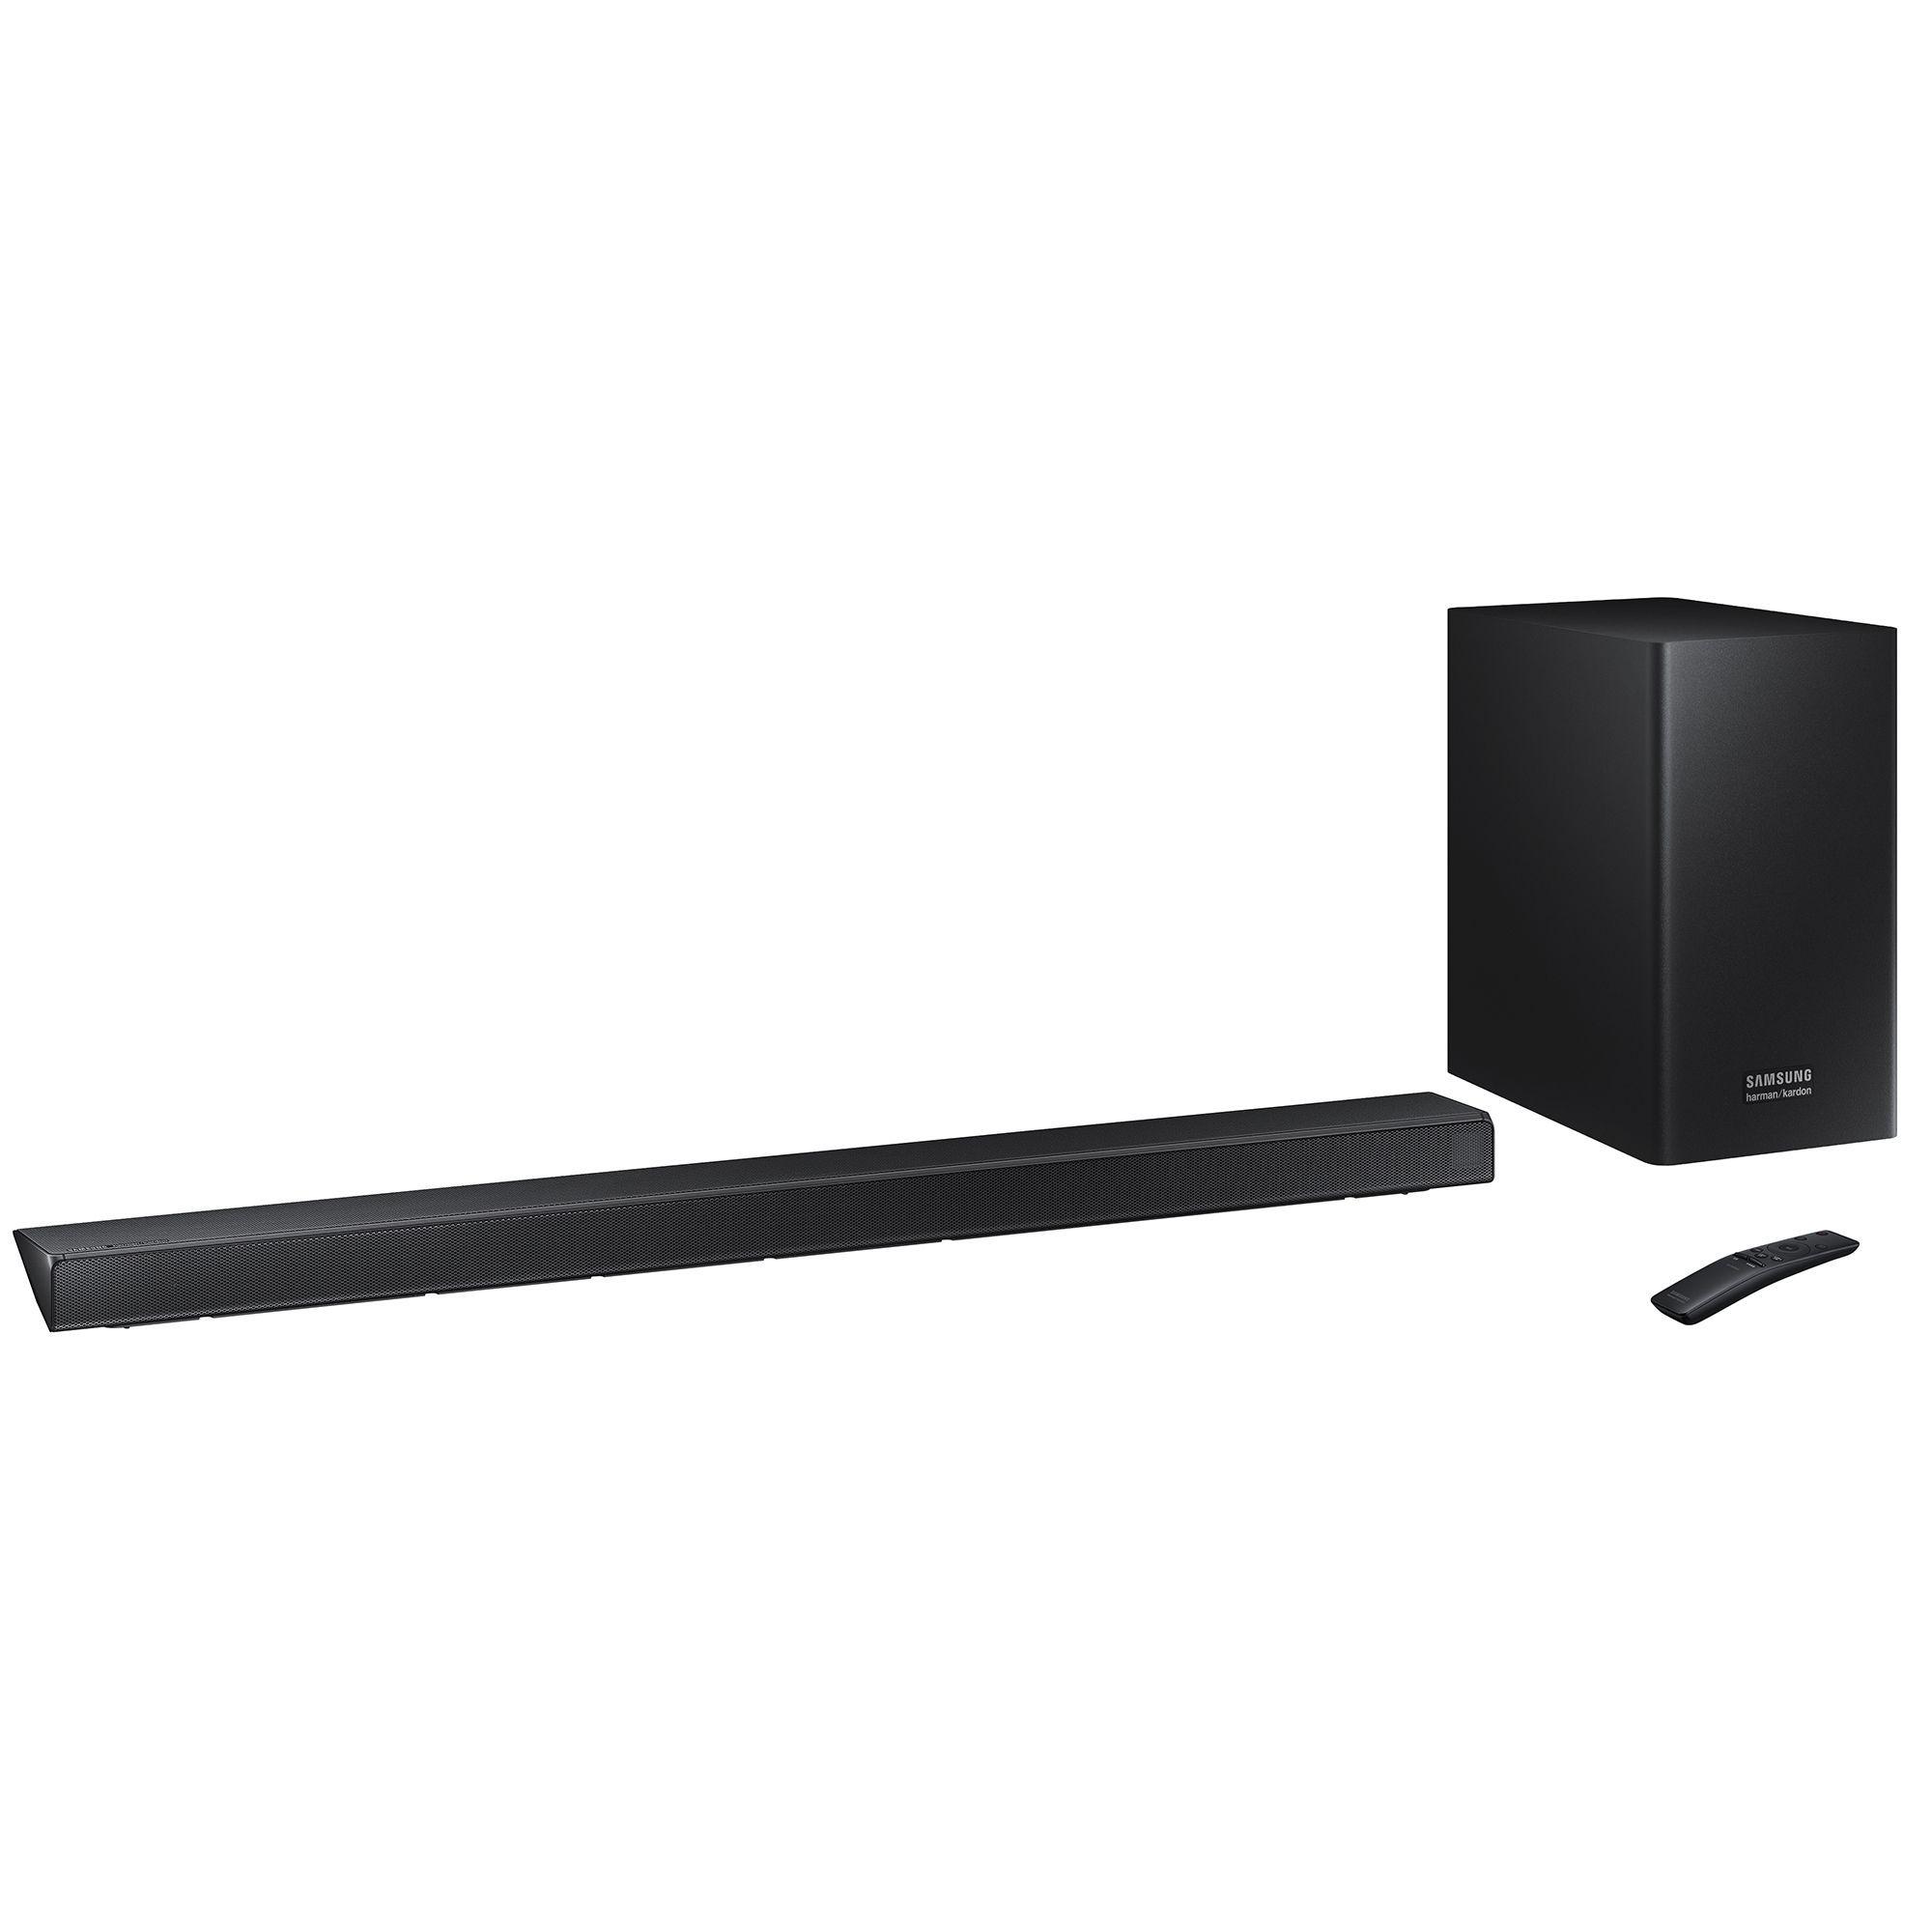 Cel mai bun soundbar - Samsung Harman Kardon HW-Q60R